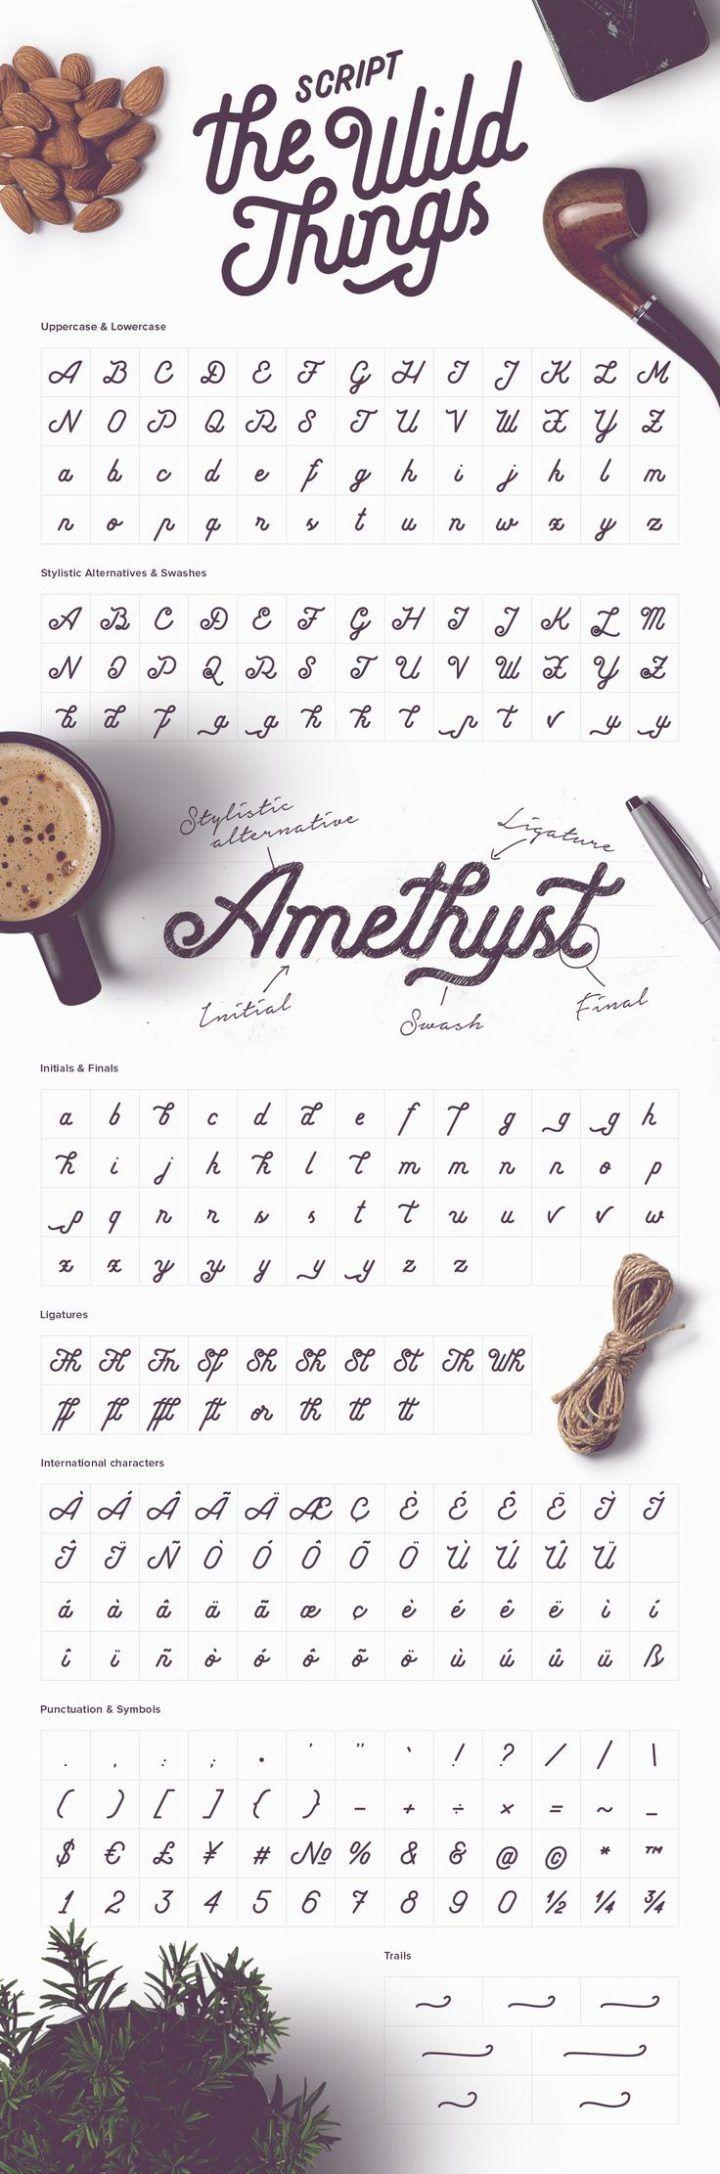 Das wilde Ding-Skript-Guss-Alphabet, handgeschrieben mit Flourishes ...